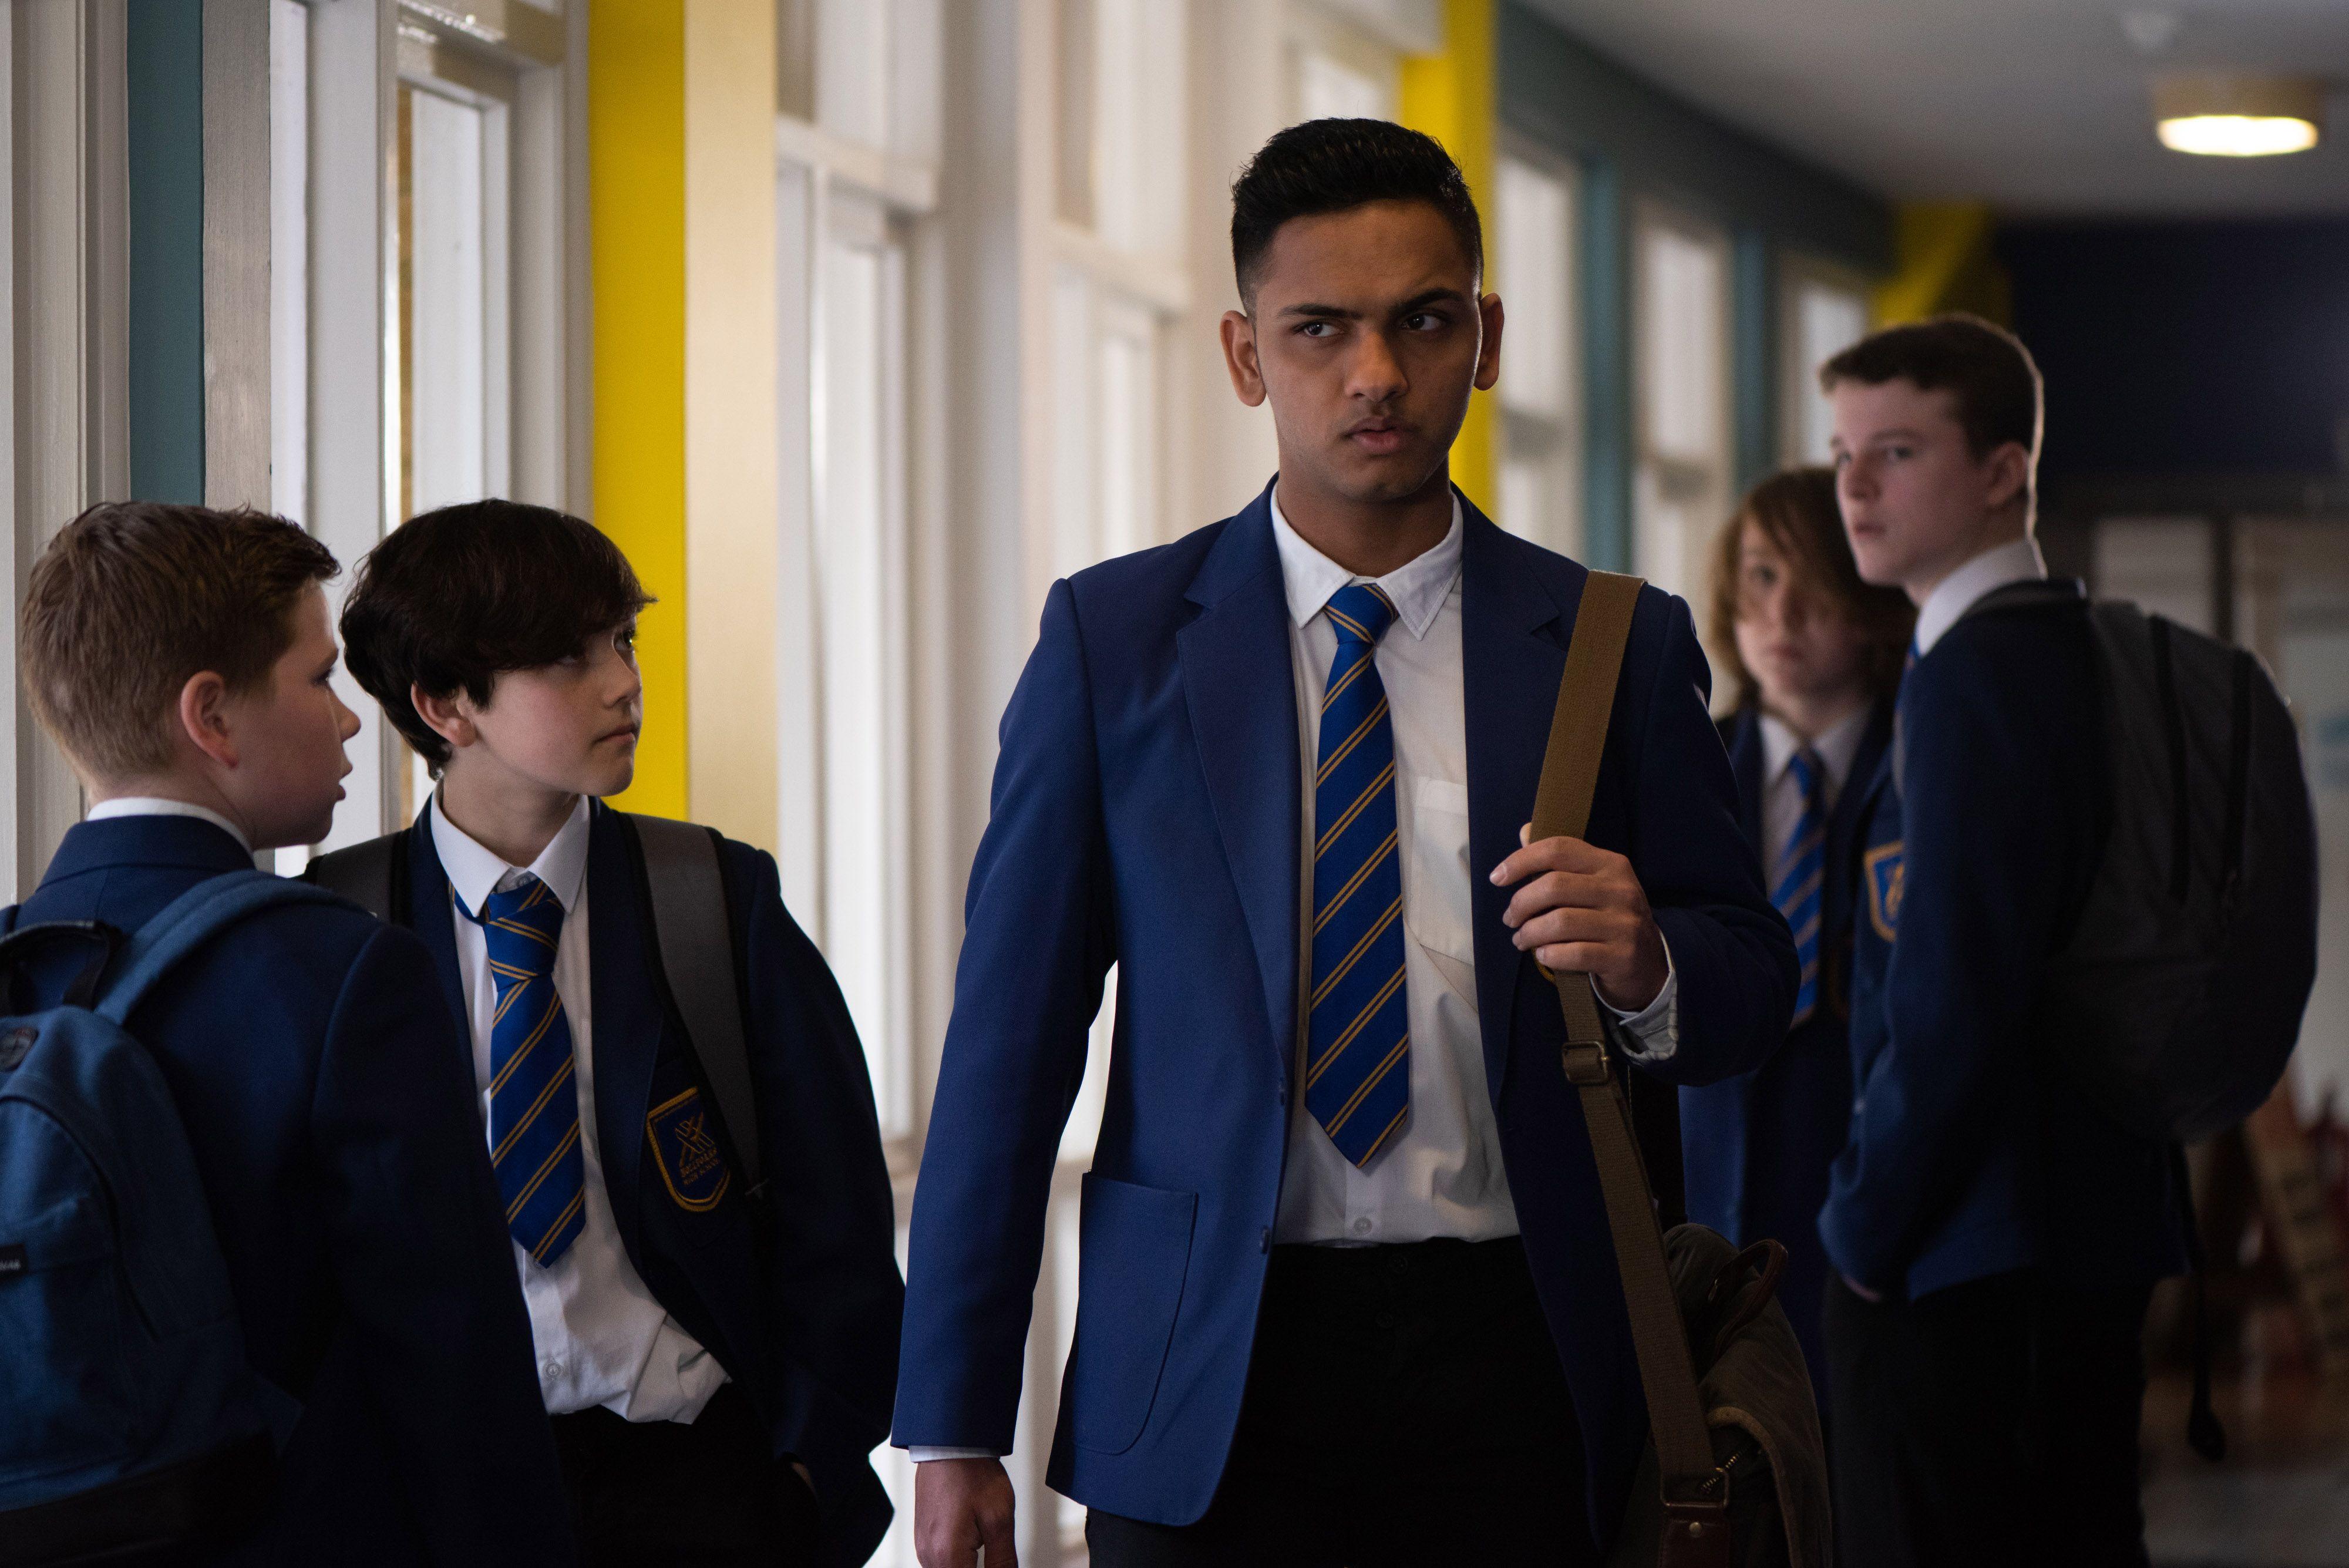 Imran Maalik struggles at school in Hollyoaks